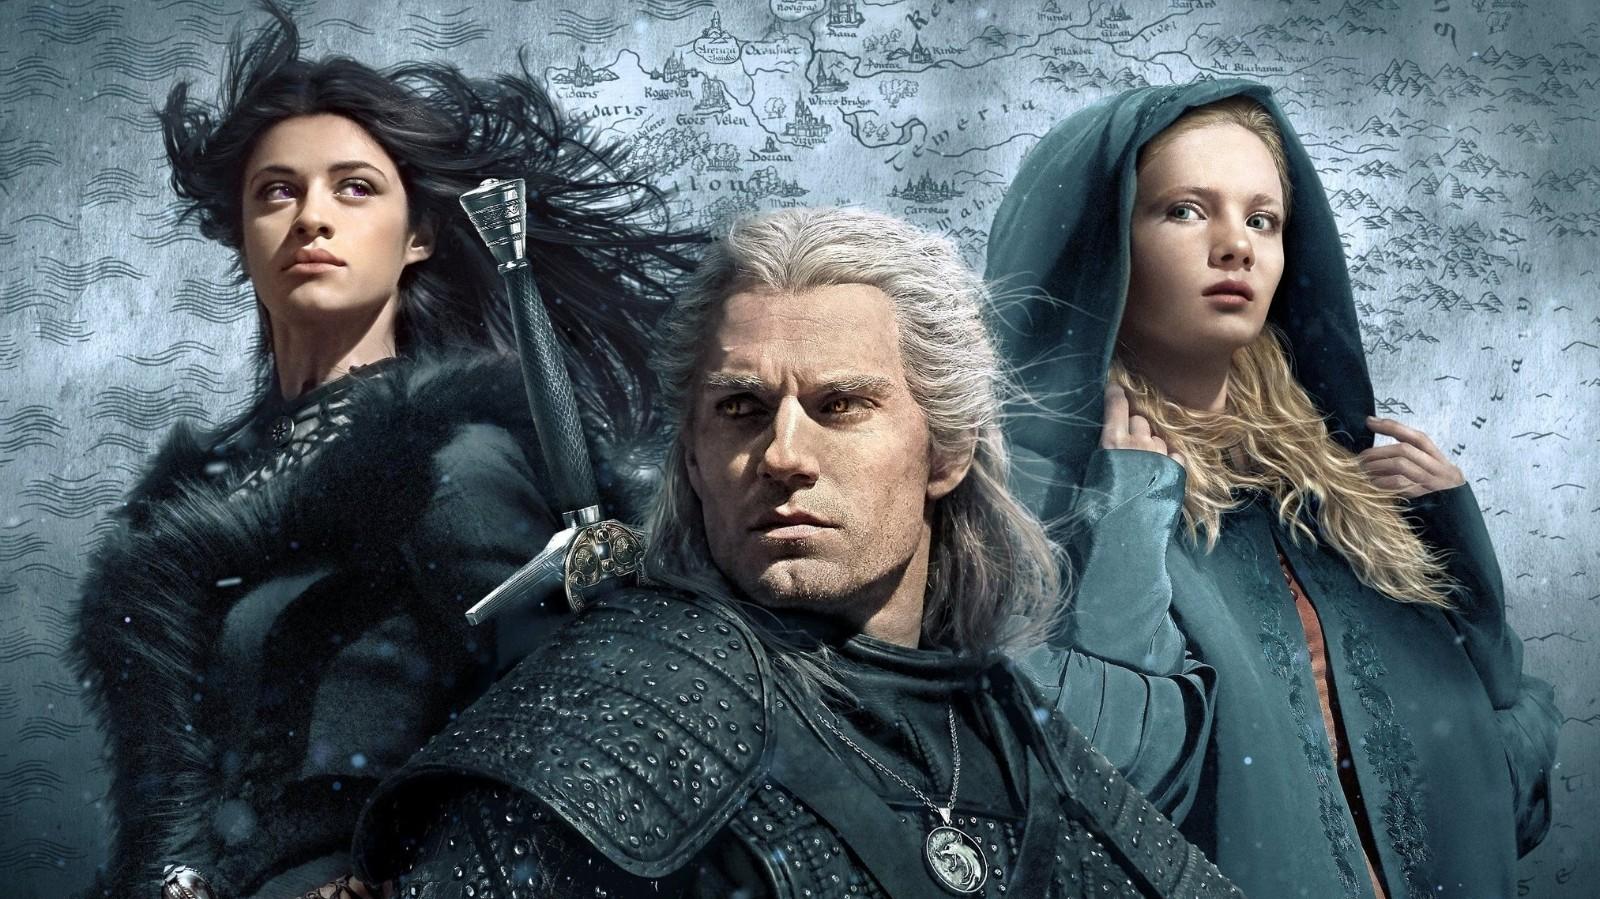 《巫师》第二季拍摄工作已结束 2021年上线